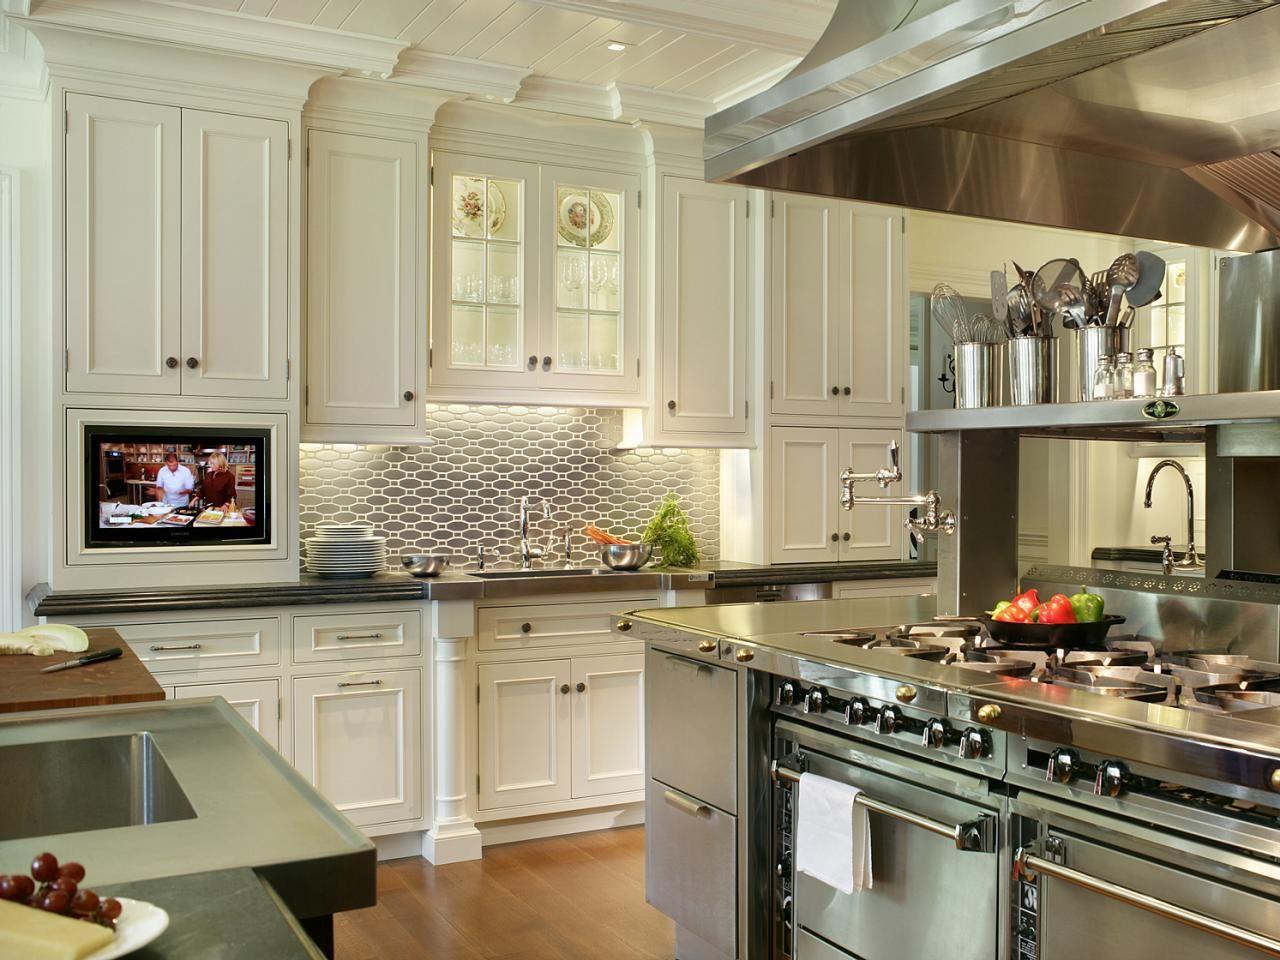 Küchen-design-schrank weißer schrank hardware ideen  chrom ist ein silberfinish die oft